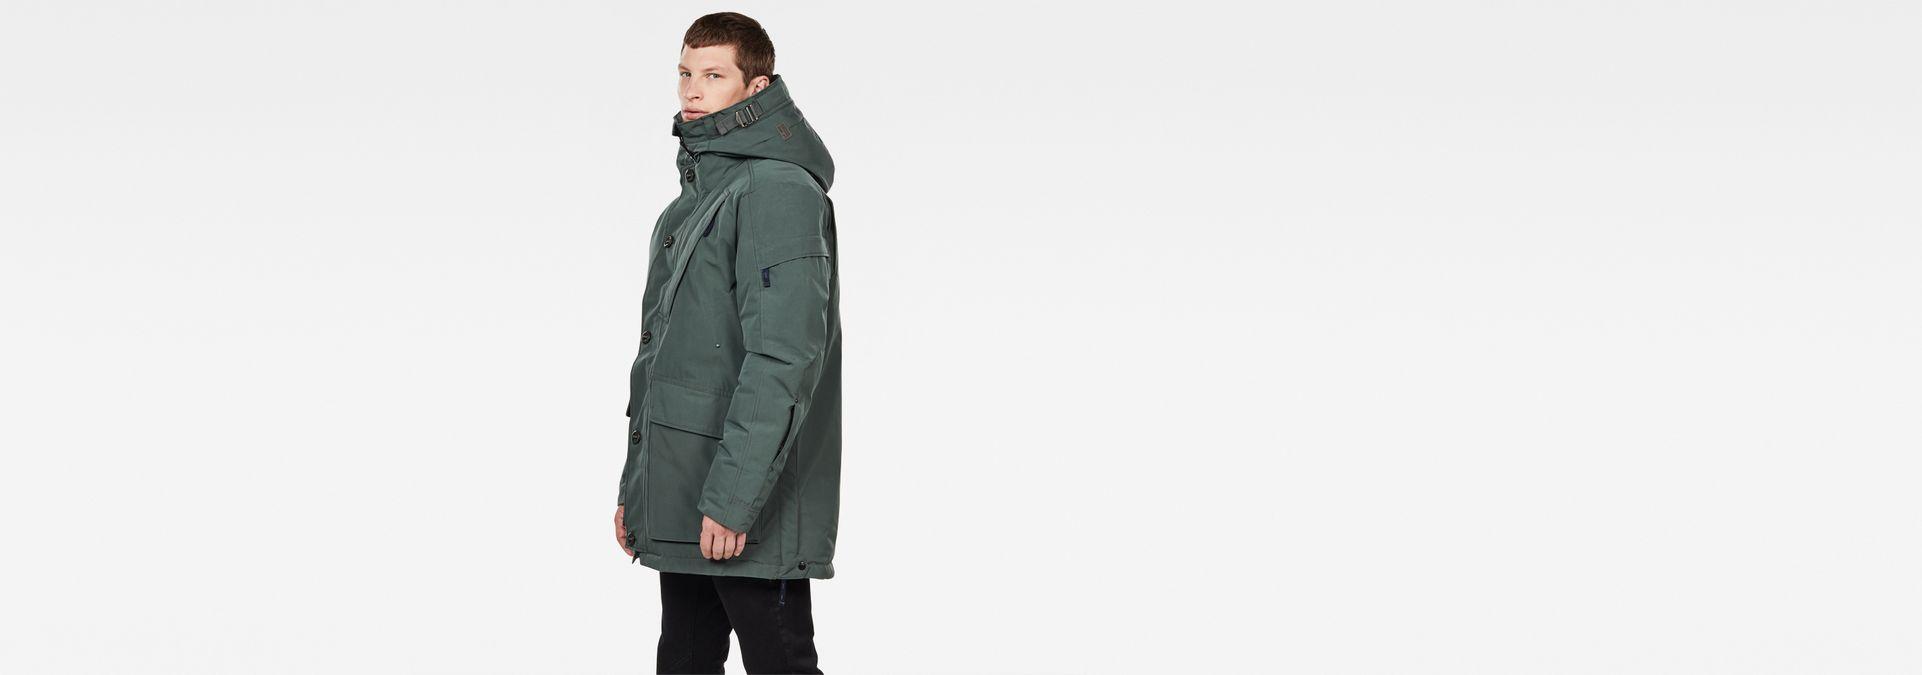 Détails sur G star raw gs 3301 100% noir à capuche pour homme veste manteau homme taille l afficher le titre d'origine